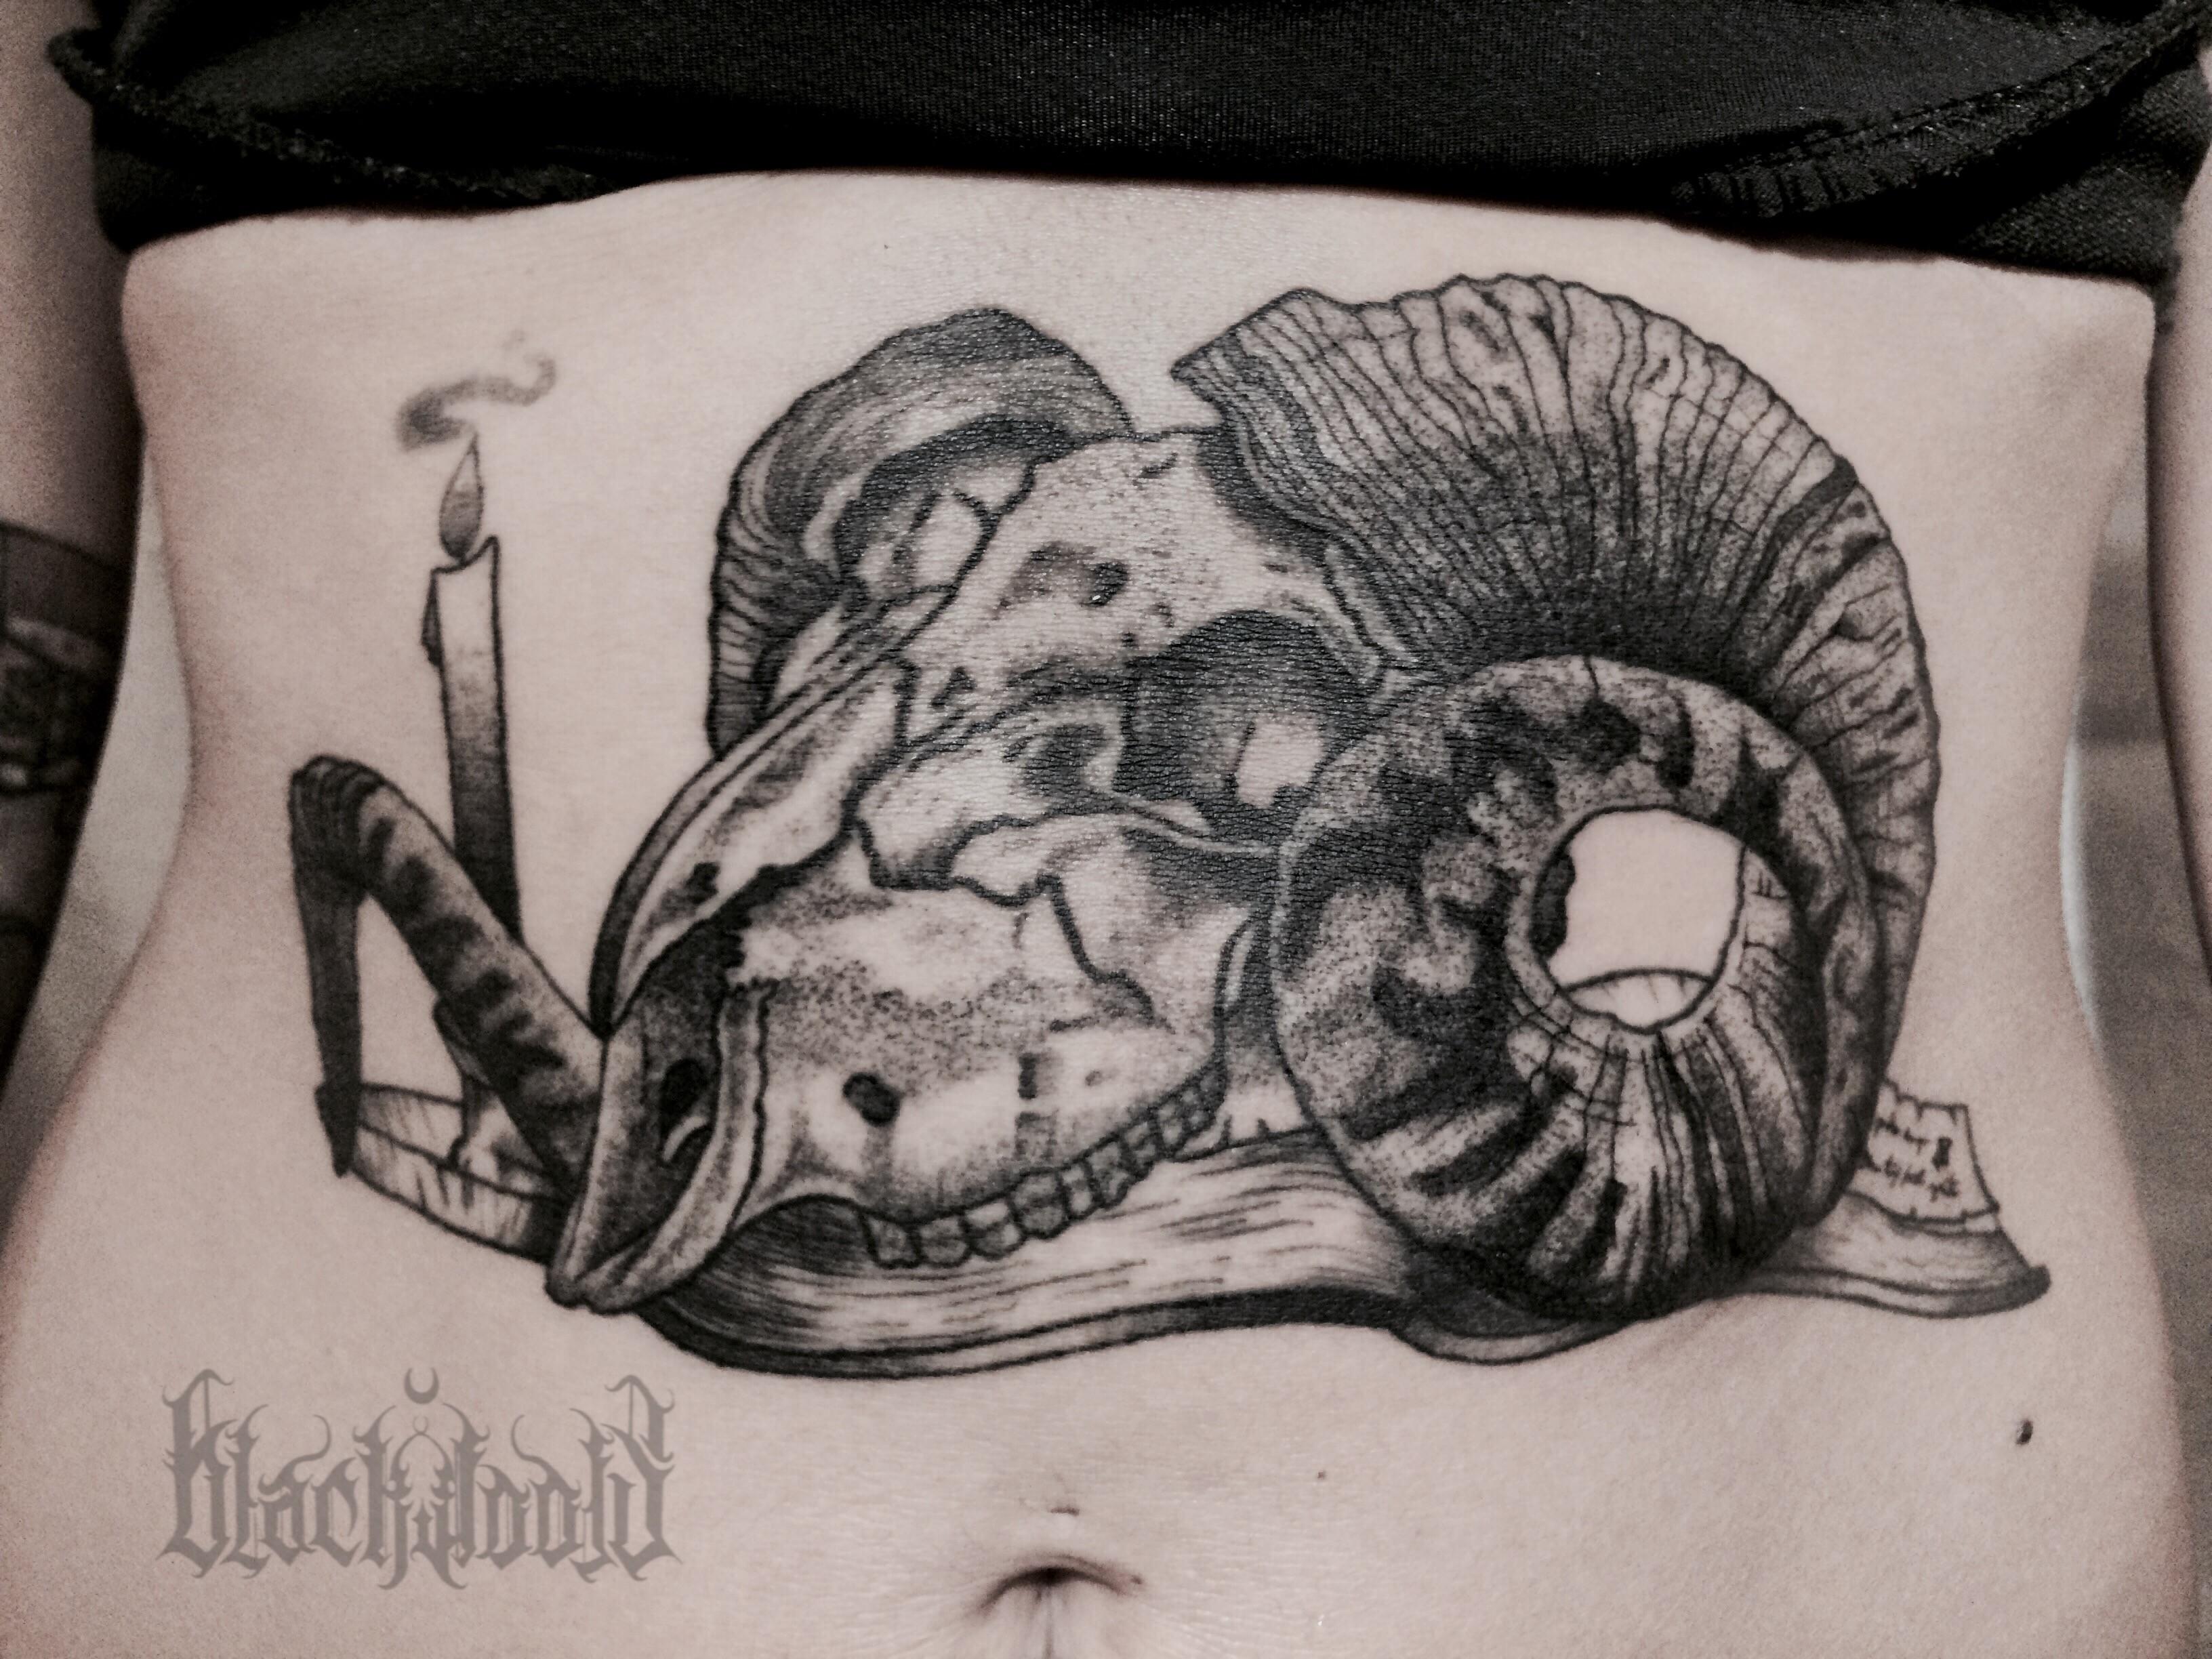 Ligera-ink-tattoo-milano-tatuaggi-milano-migliori-tatuatori-milano-tatuaggi-blackwork-milano-tatuaggio-teschio